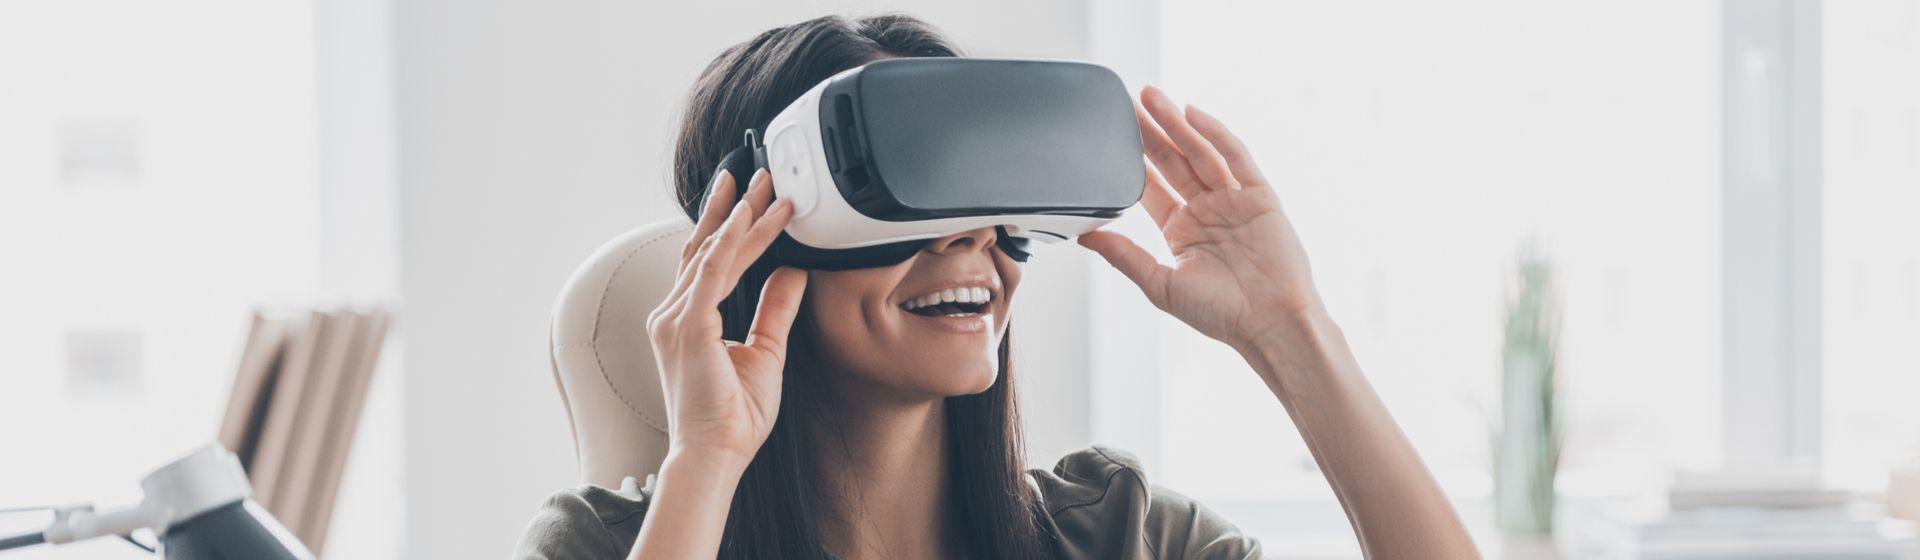 Óculos de realidade virtual: opções para comprar em 2021